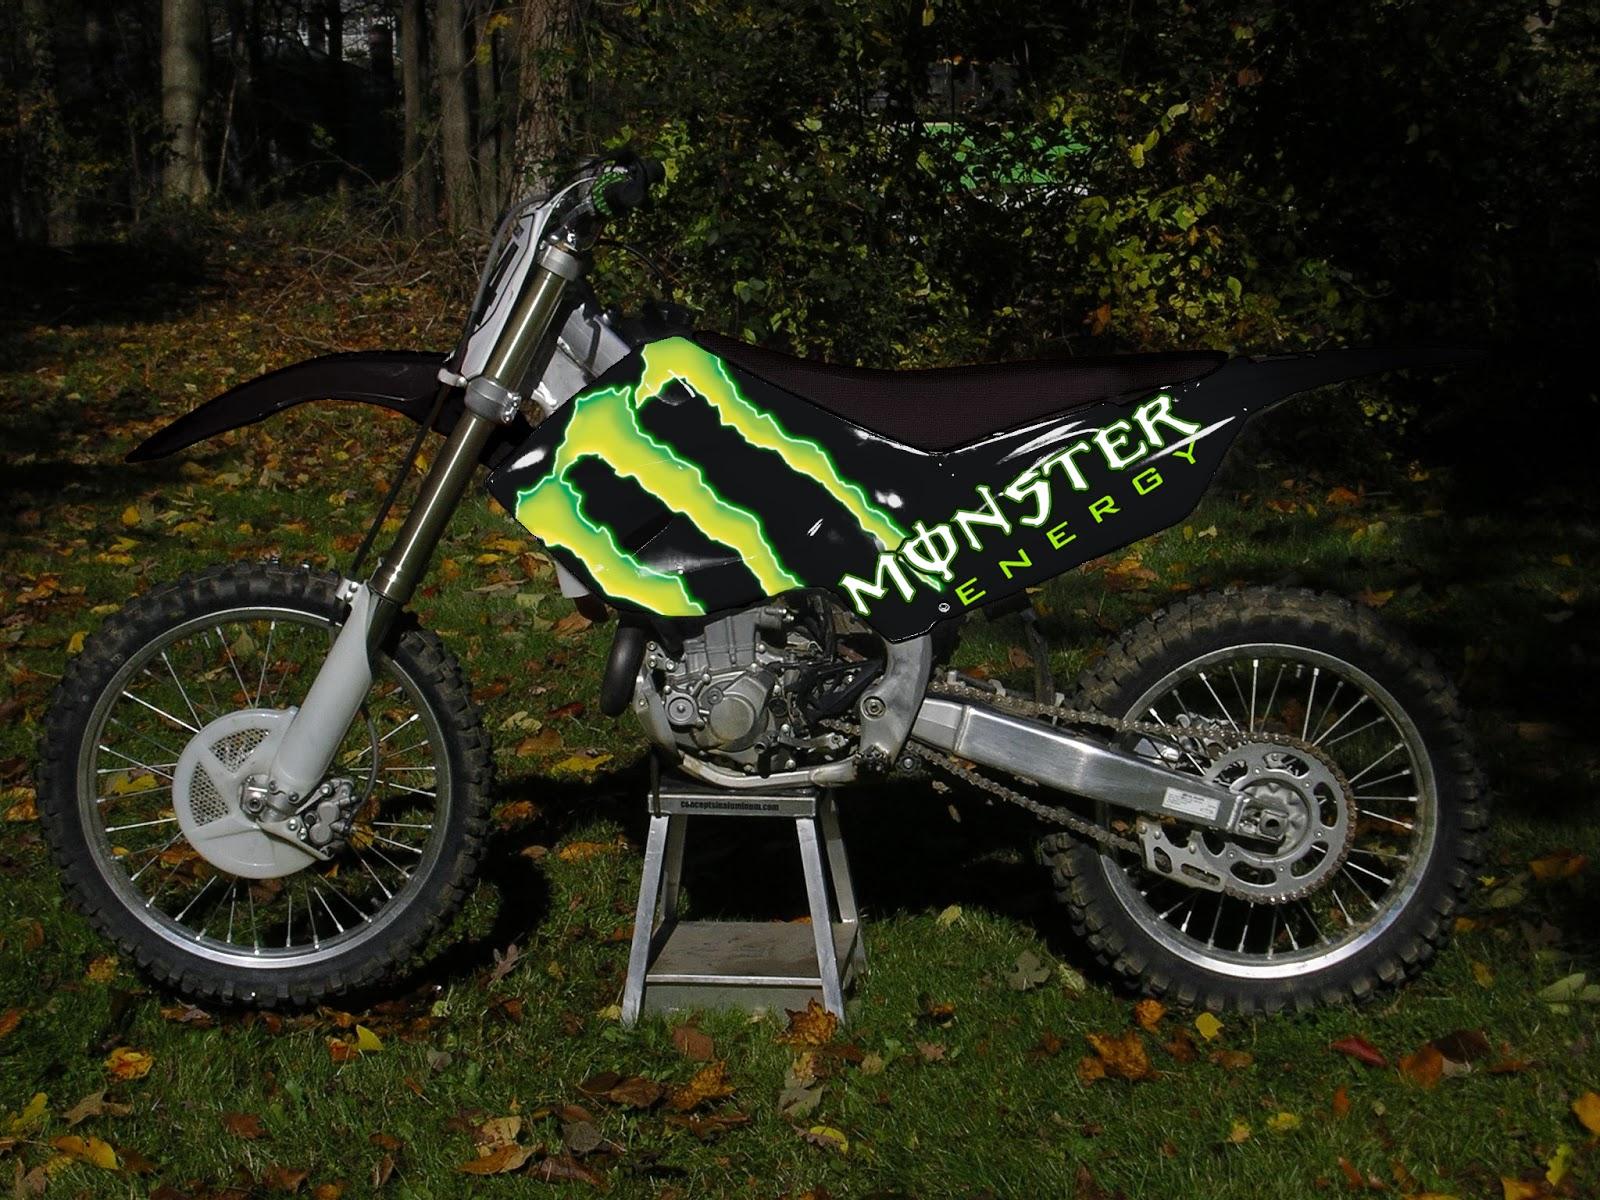 advertising roi mx motocross motox sx supercross monster energy motorsports cross. Black Bedroom Furniture Sets. Home Design Ideas